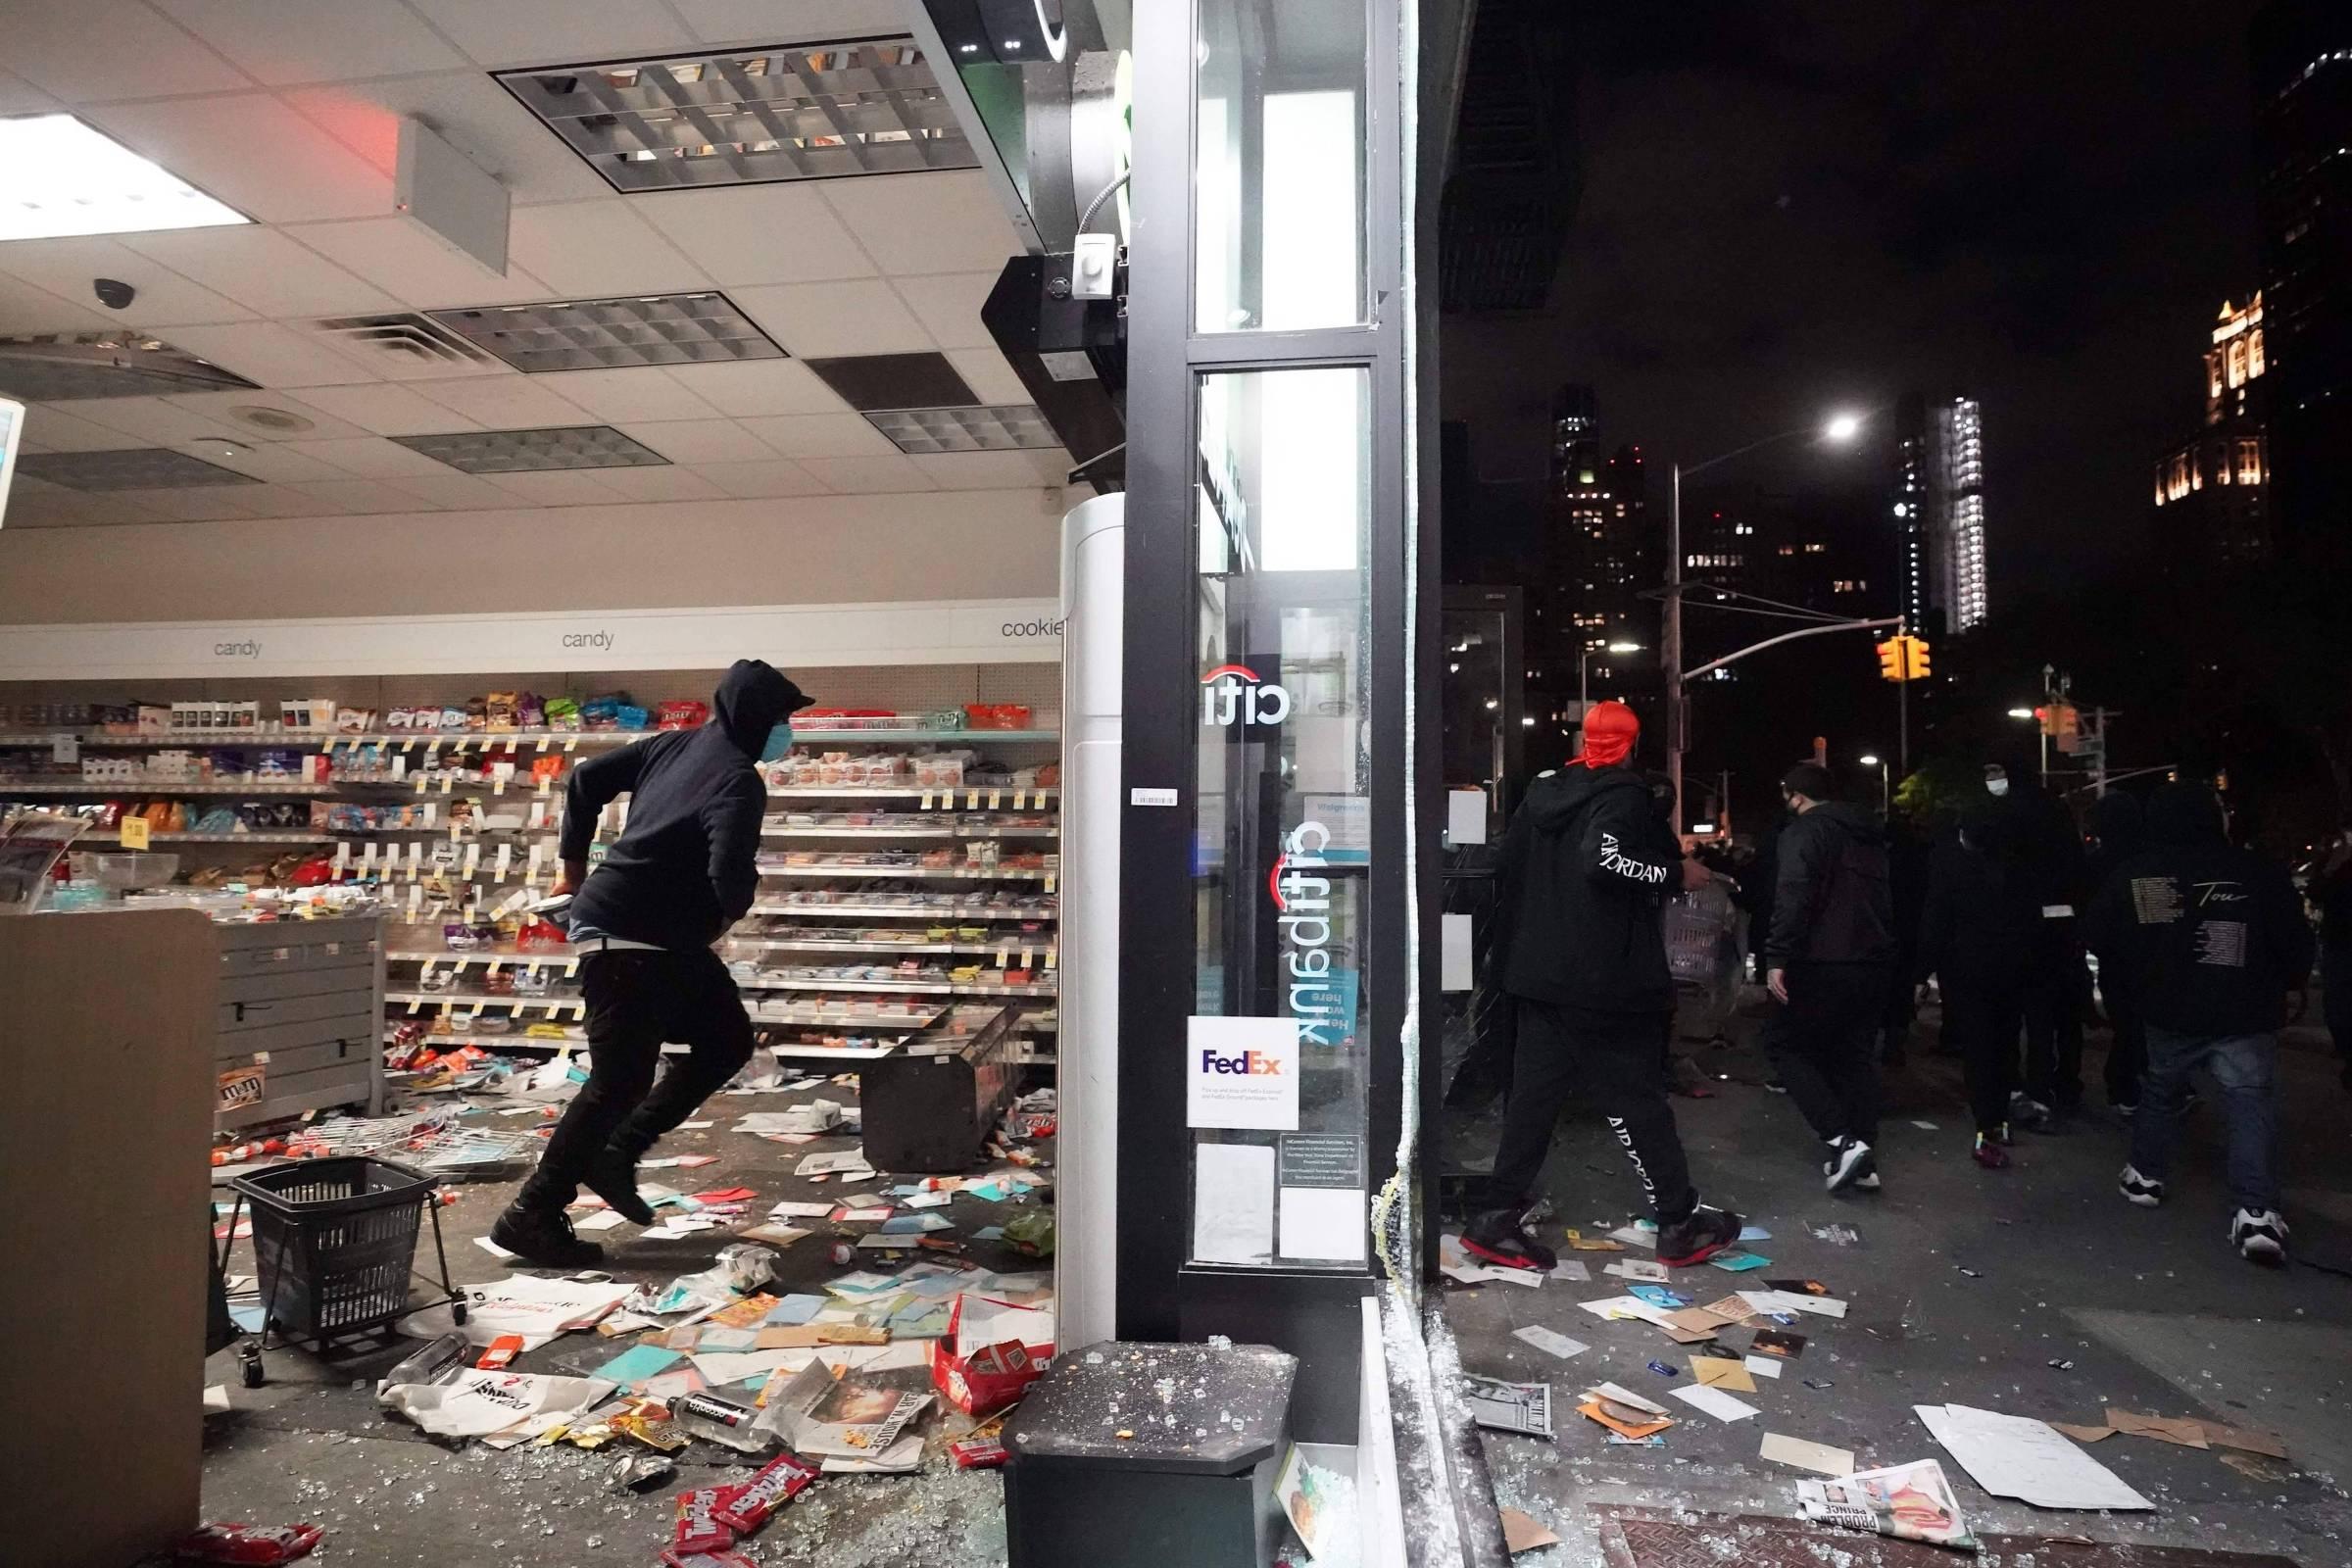 Grupos racistas são acusados de estimular violência em protestos antirracistas